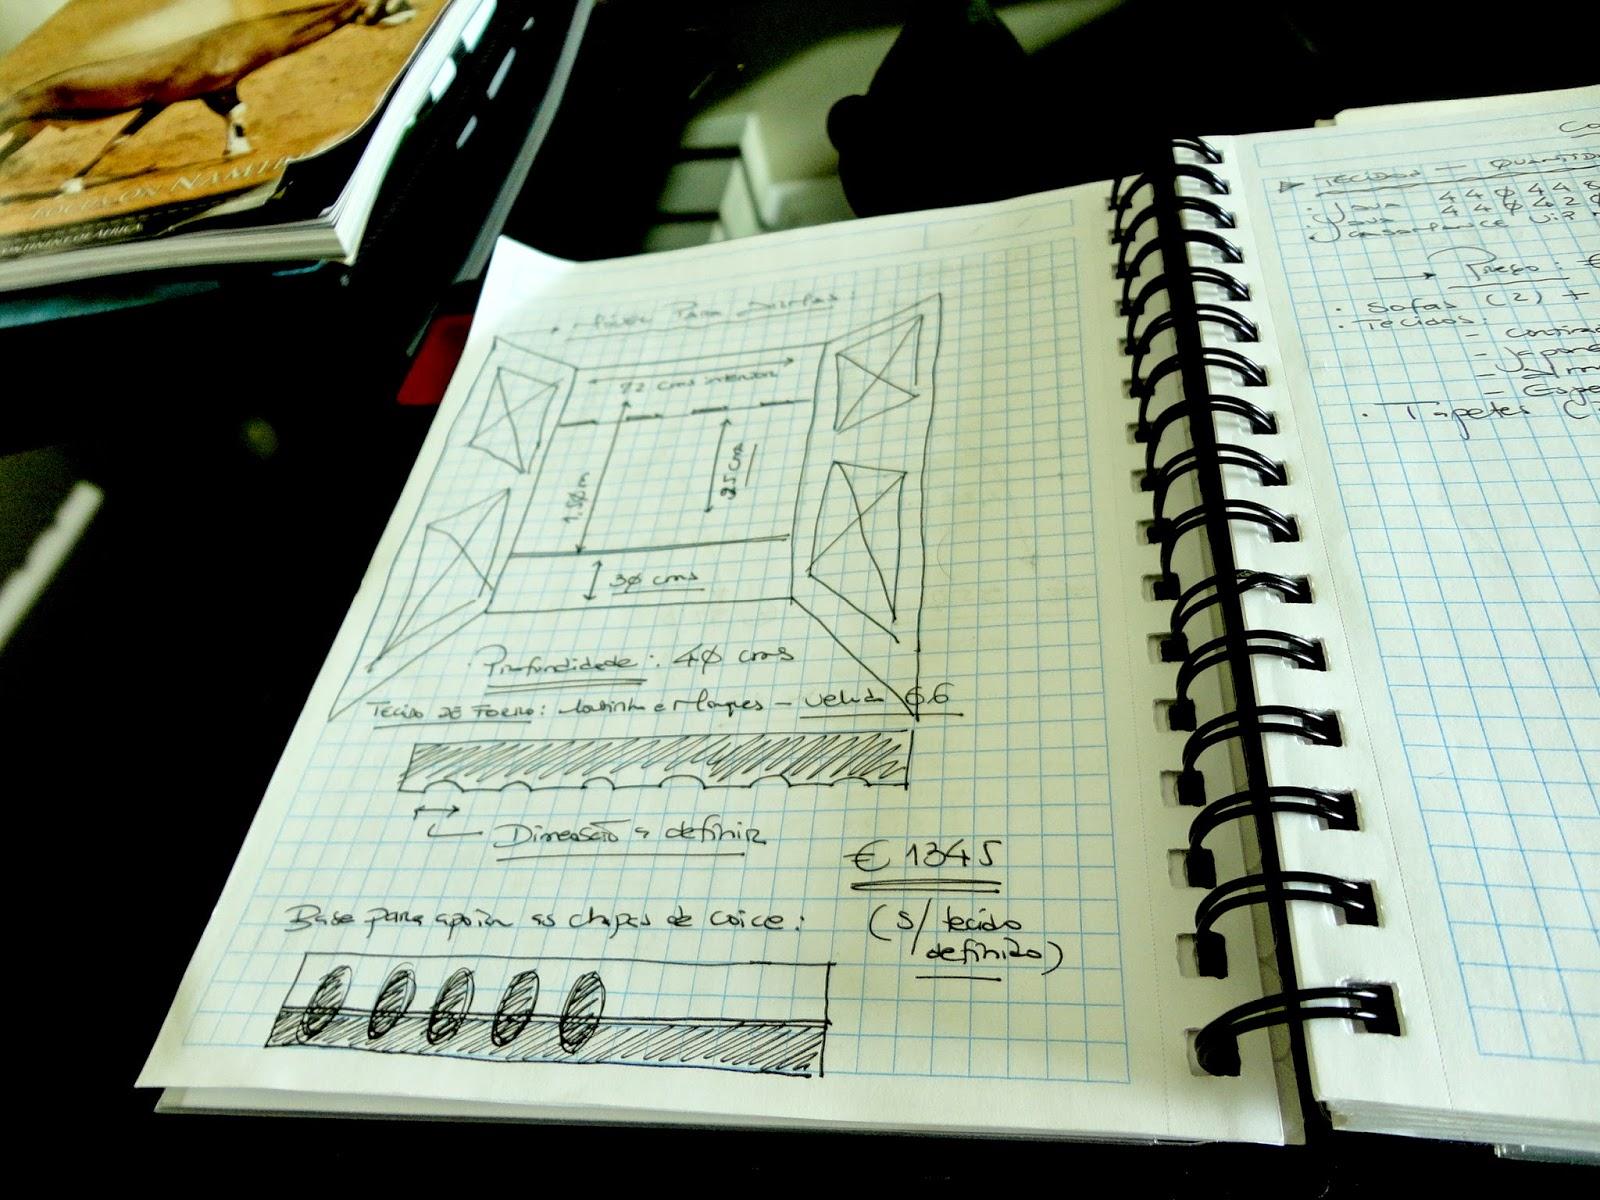 Adorei quando a Ana me disse que tinha o caderno com as notas todas do projecto de interiores da casa. Nesta página estão os pormenores para a construção do armário da imagem de cima tão detalhados como as carabinas que alberga todos os dias.